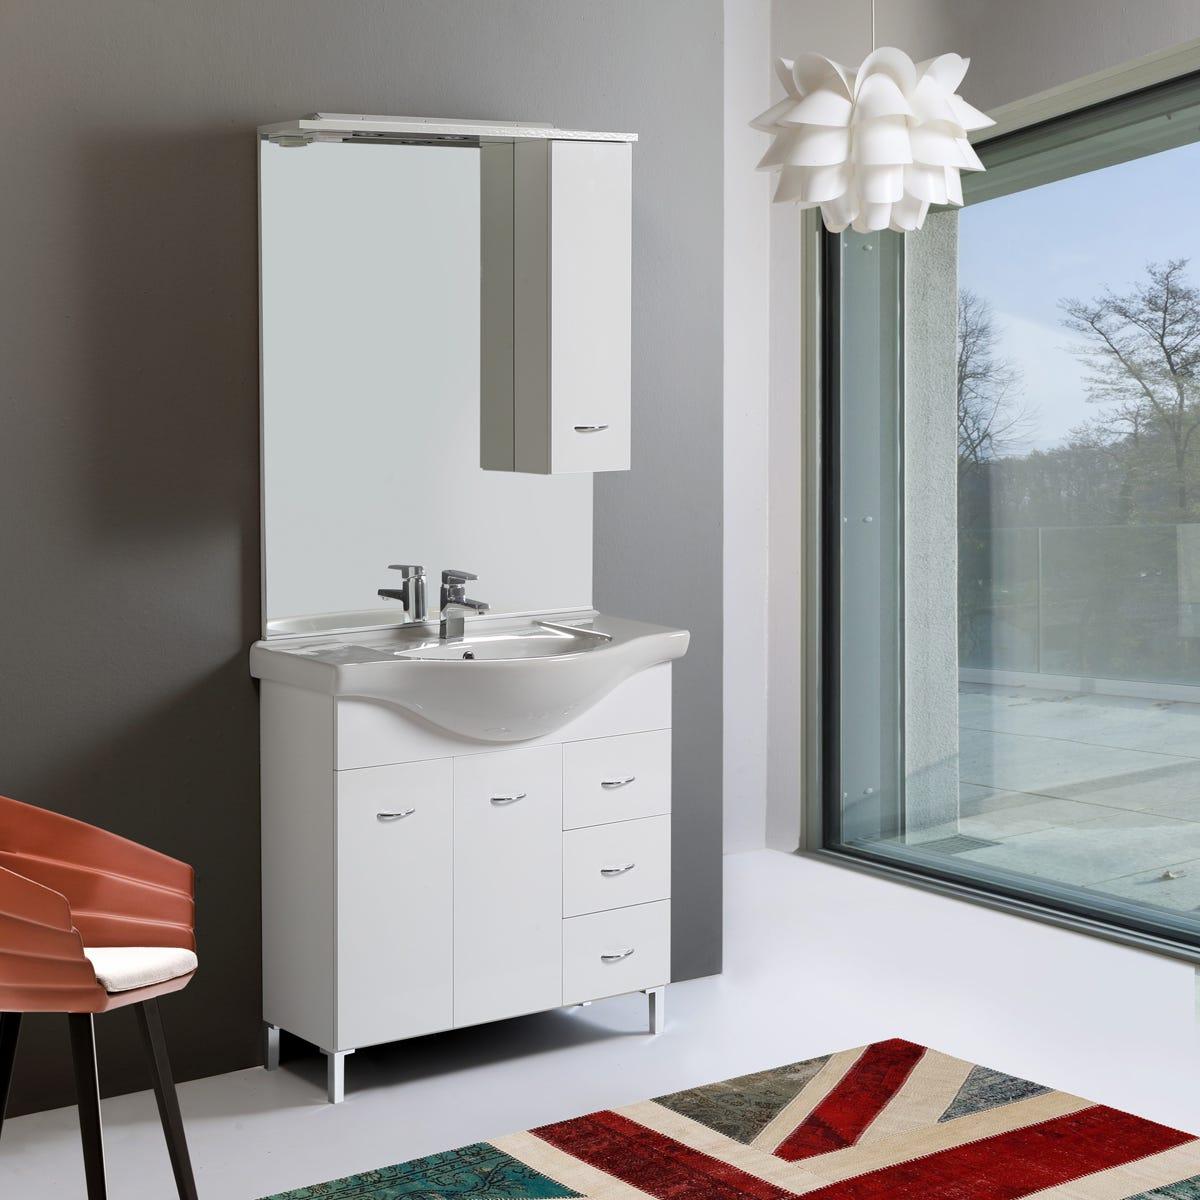 Mobile mobiletto arredo bagno da 85 cm 2 ante 3 cassetti - Mobiletto bagno ...